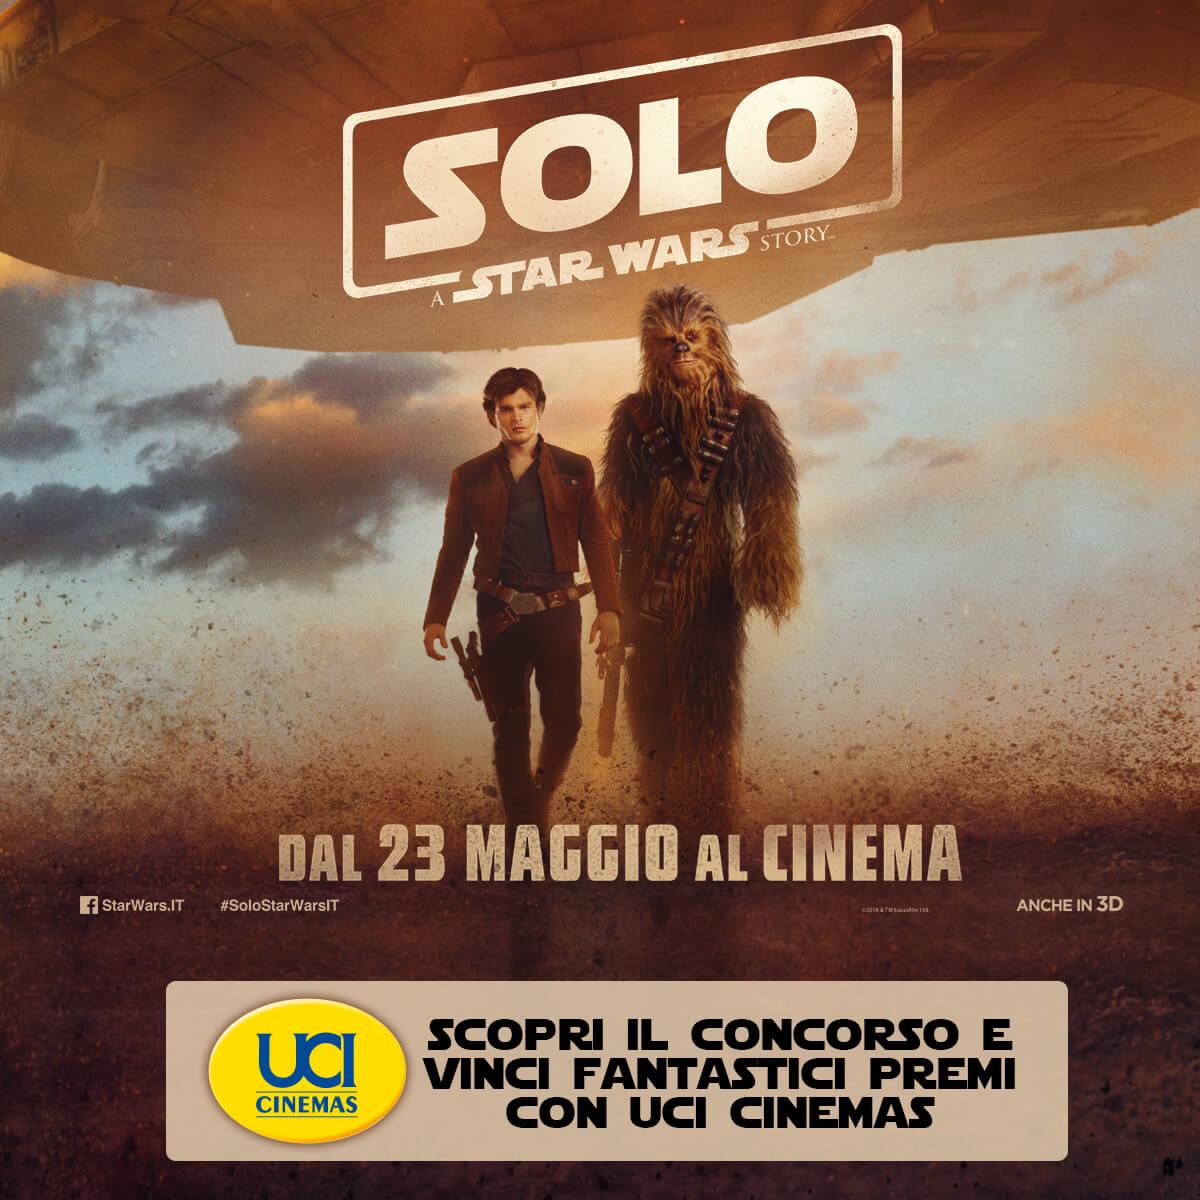 Vinci con UCI Cinemas e Solo: A Star Wars Story